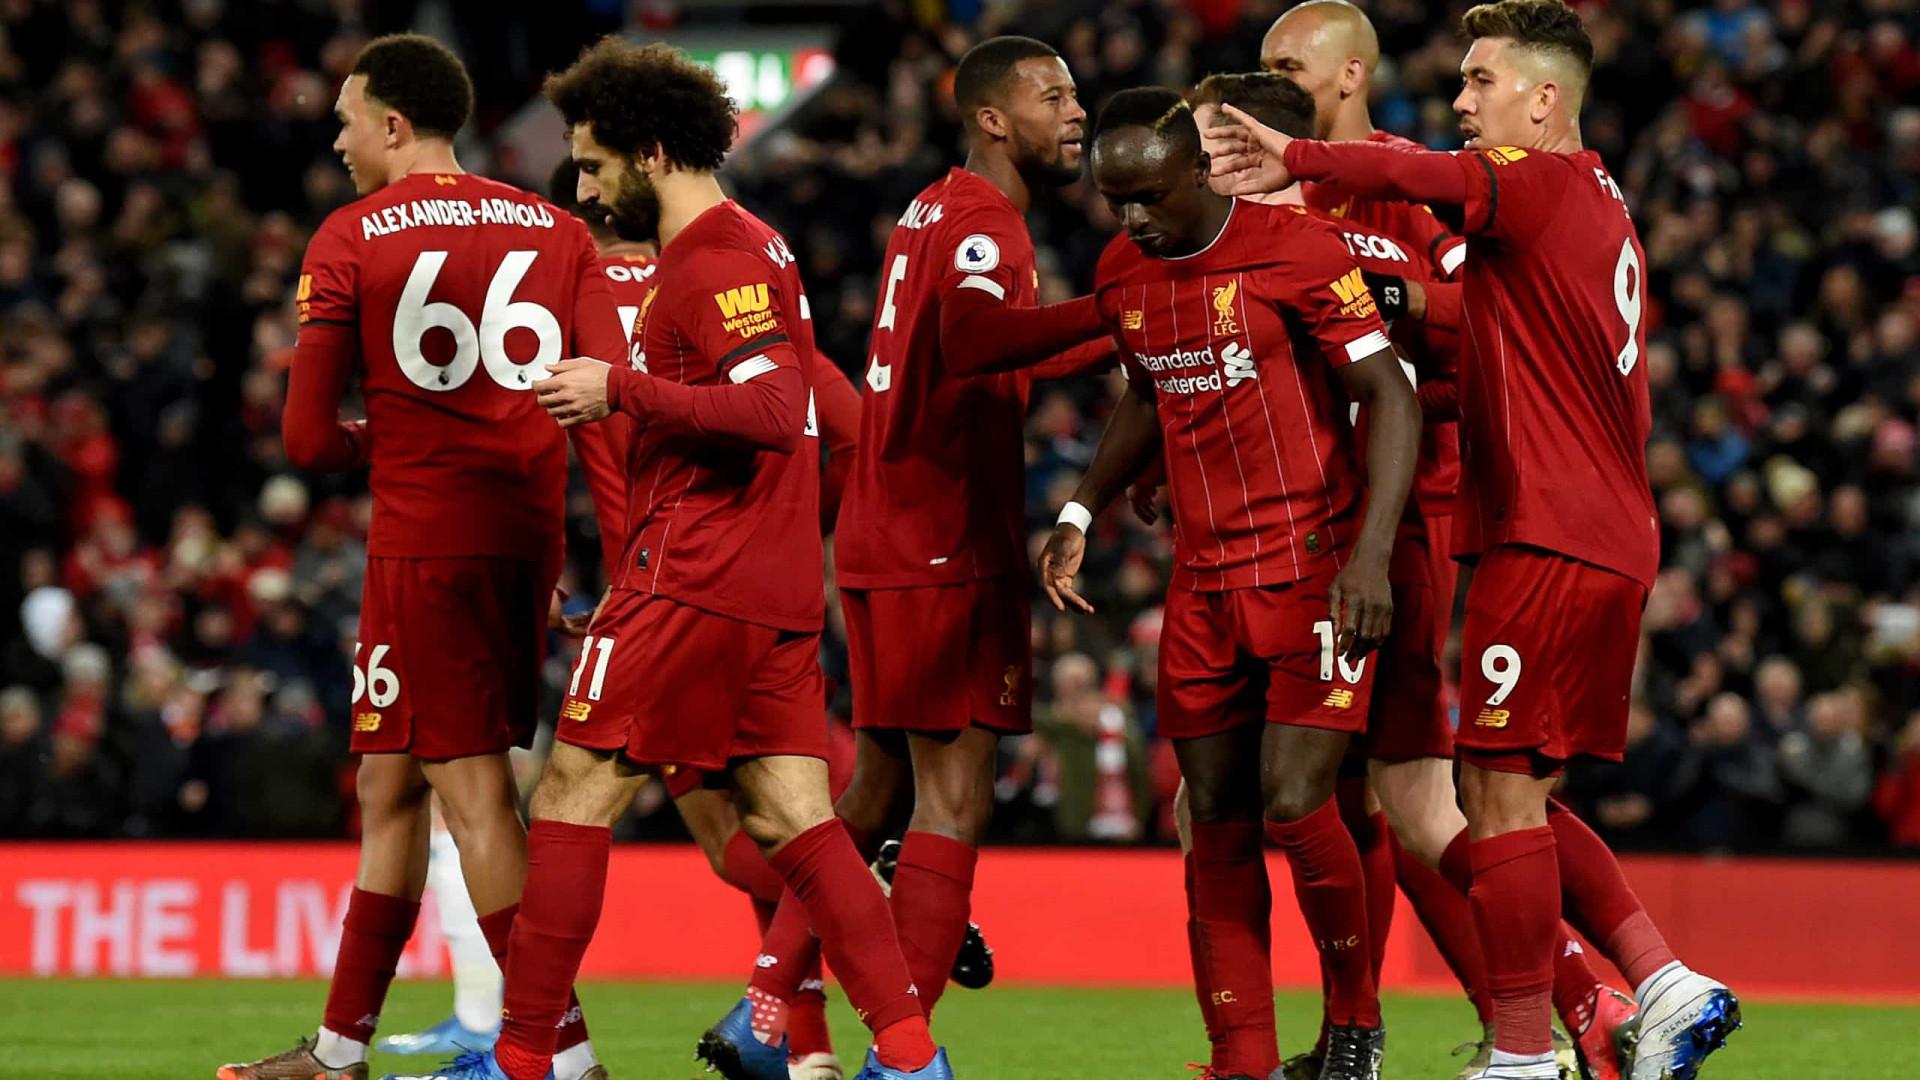 Jogo de loucos em Anfield: Liverpool vence e está a 4 vitórias do título